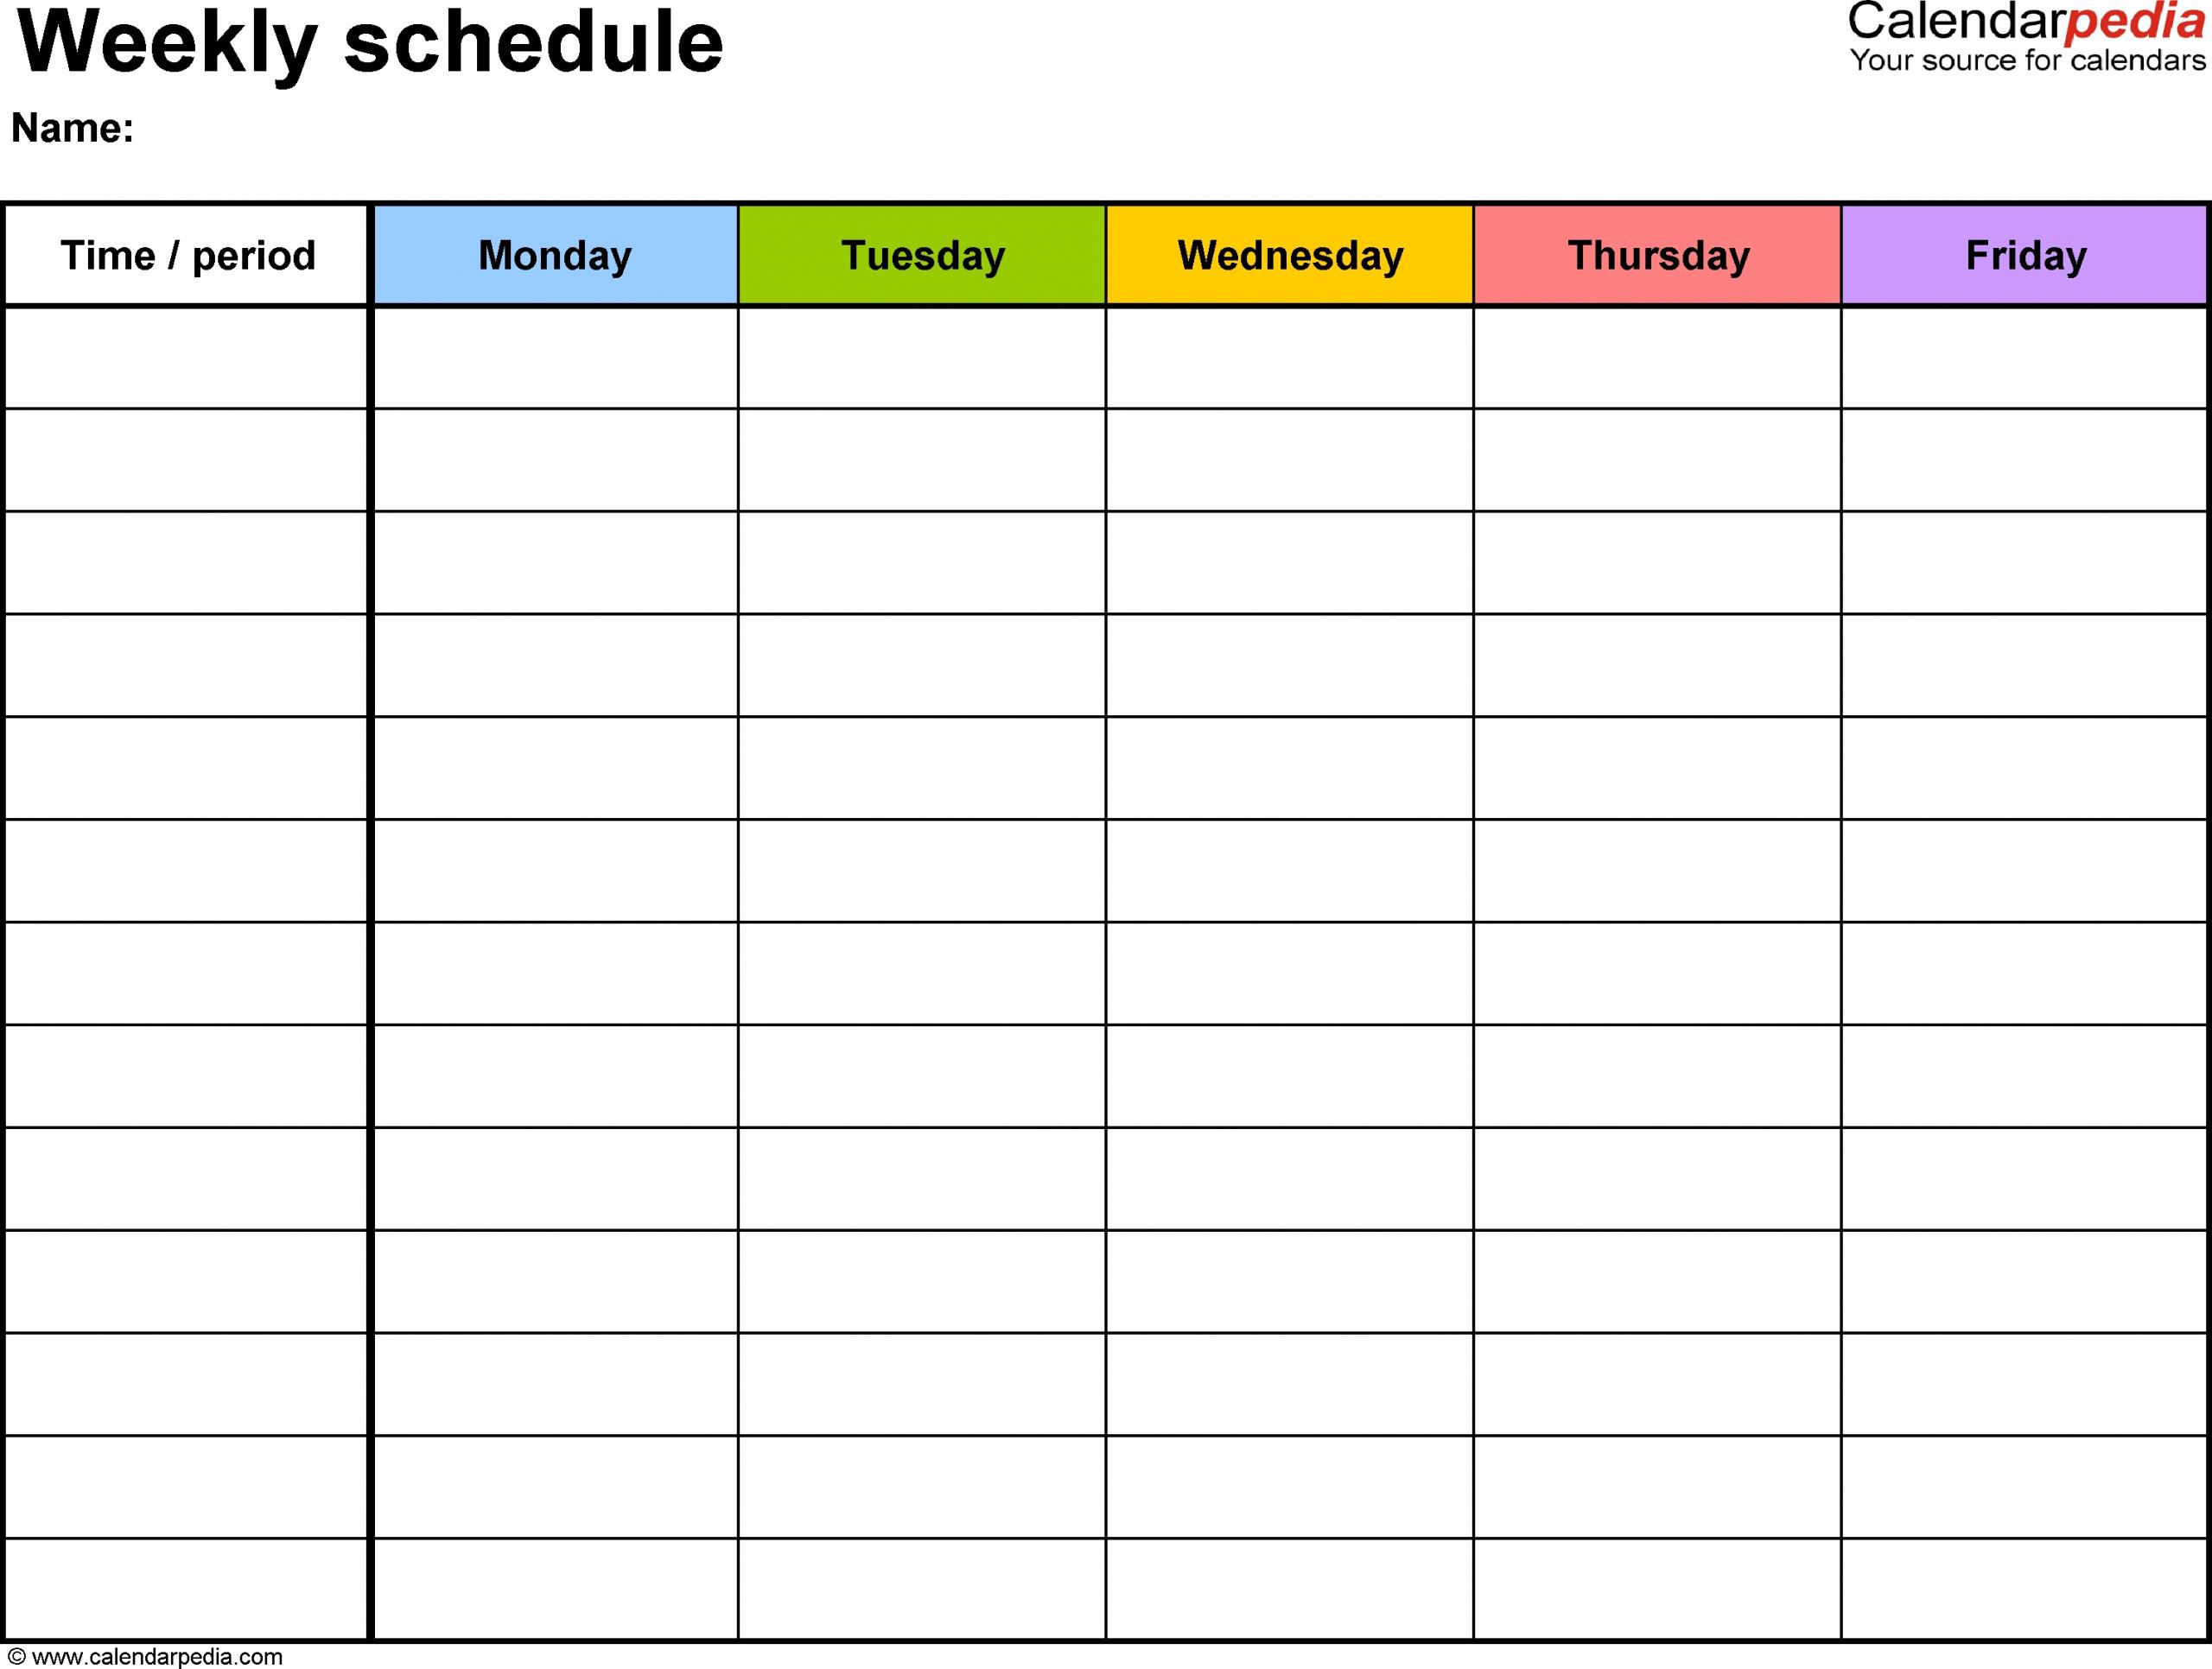 Blank Lined Weekly Printable Calendar - Calendar Blank Lined Calendar To Print